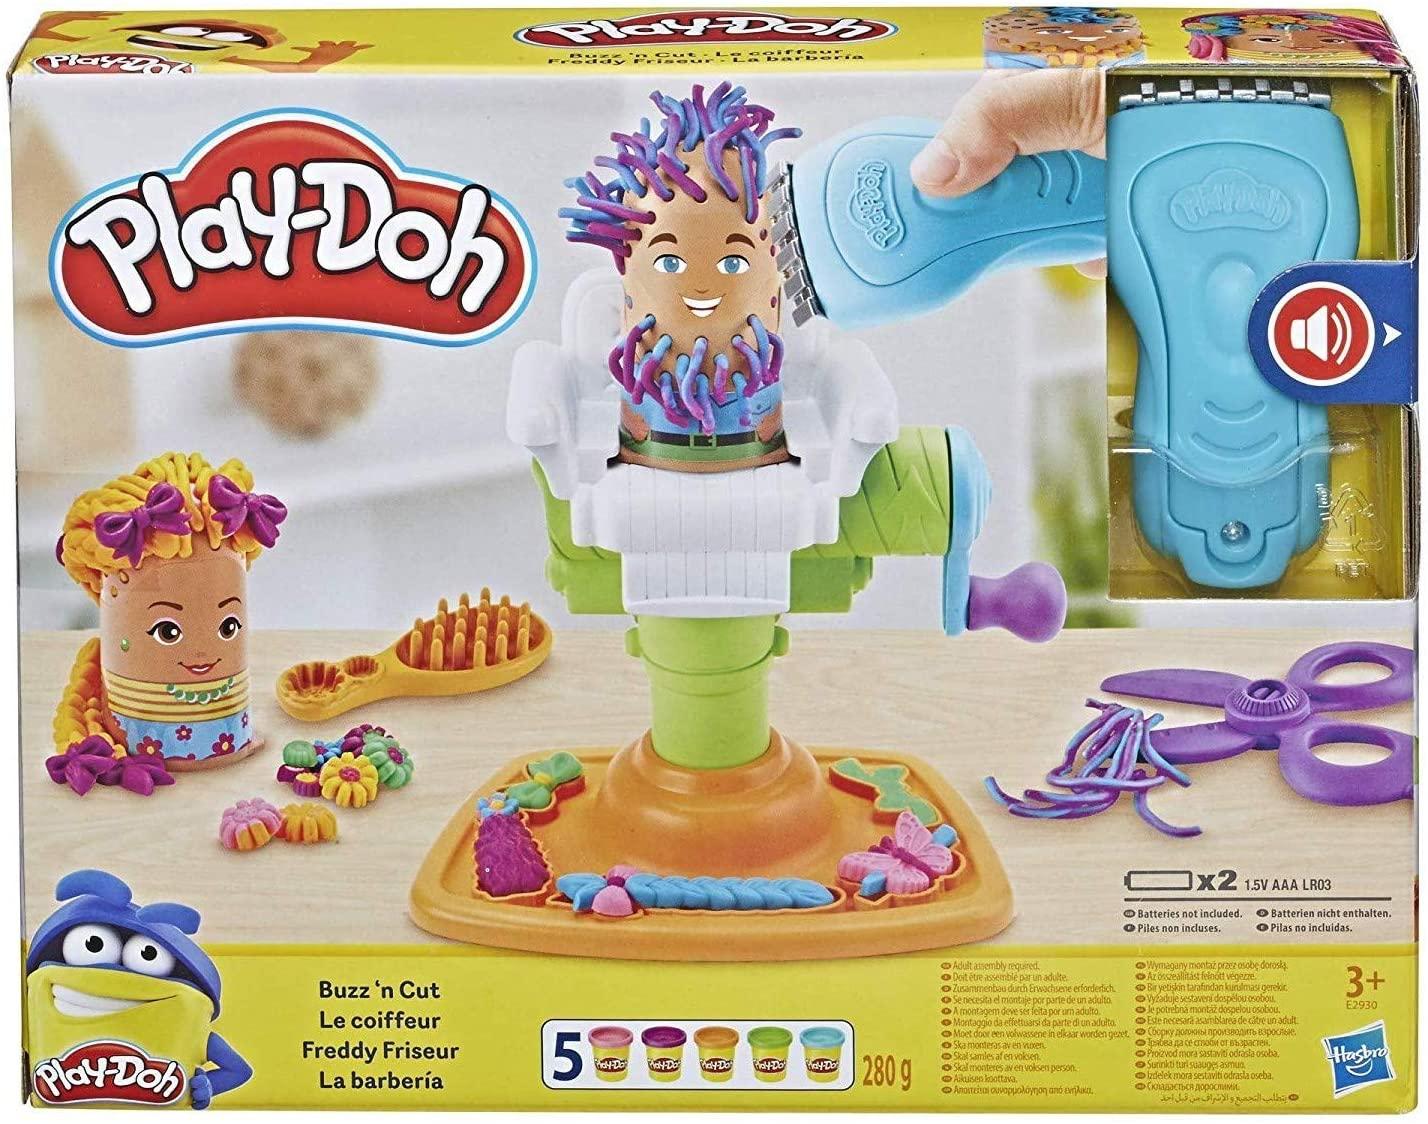 Pâte à modeler Playdoh - Le Coiffeur (14 pièces)